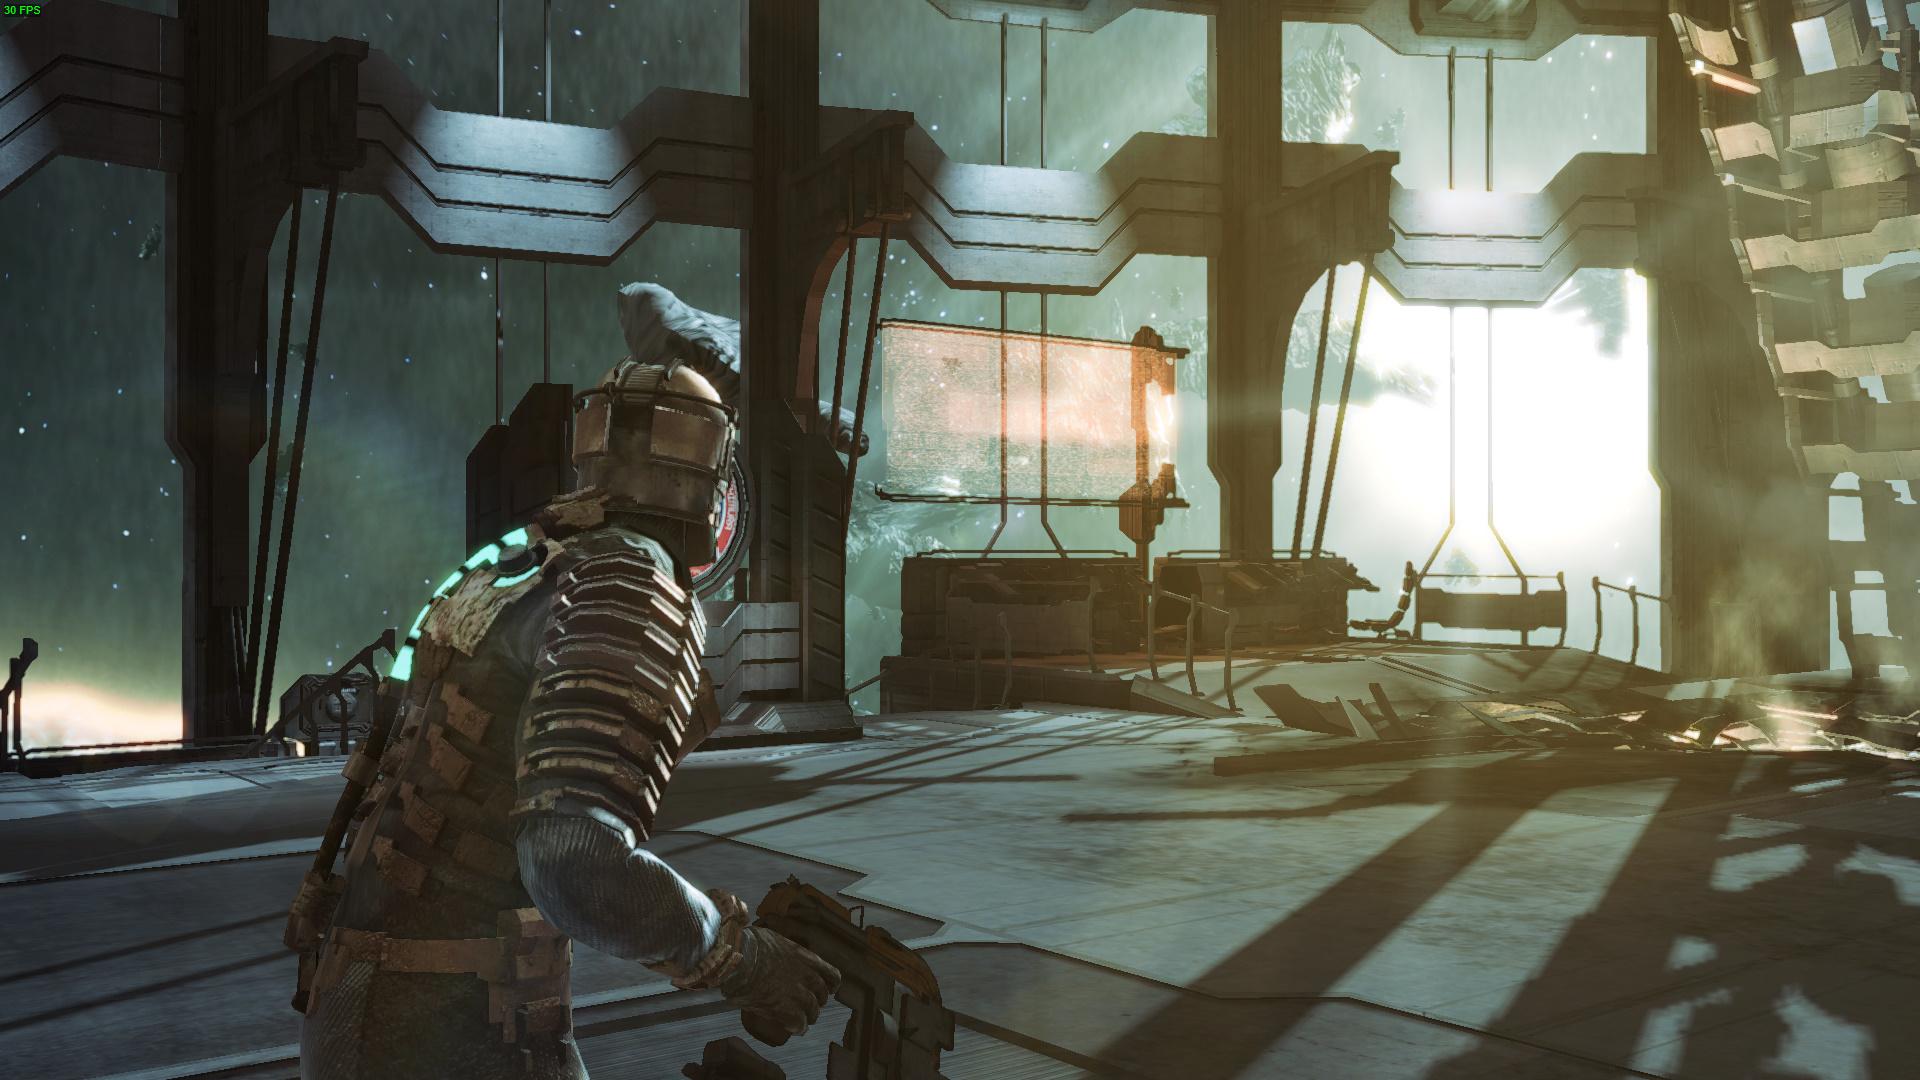 Dead Space 2017-09-13 14-33-06-248.jpg - Dead Space